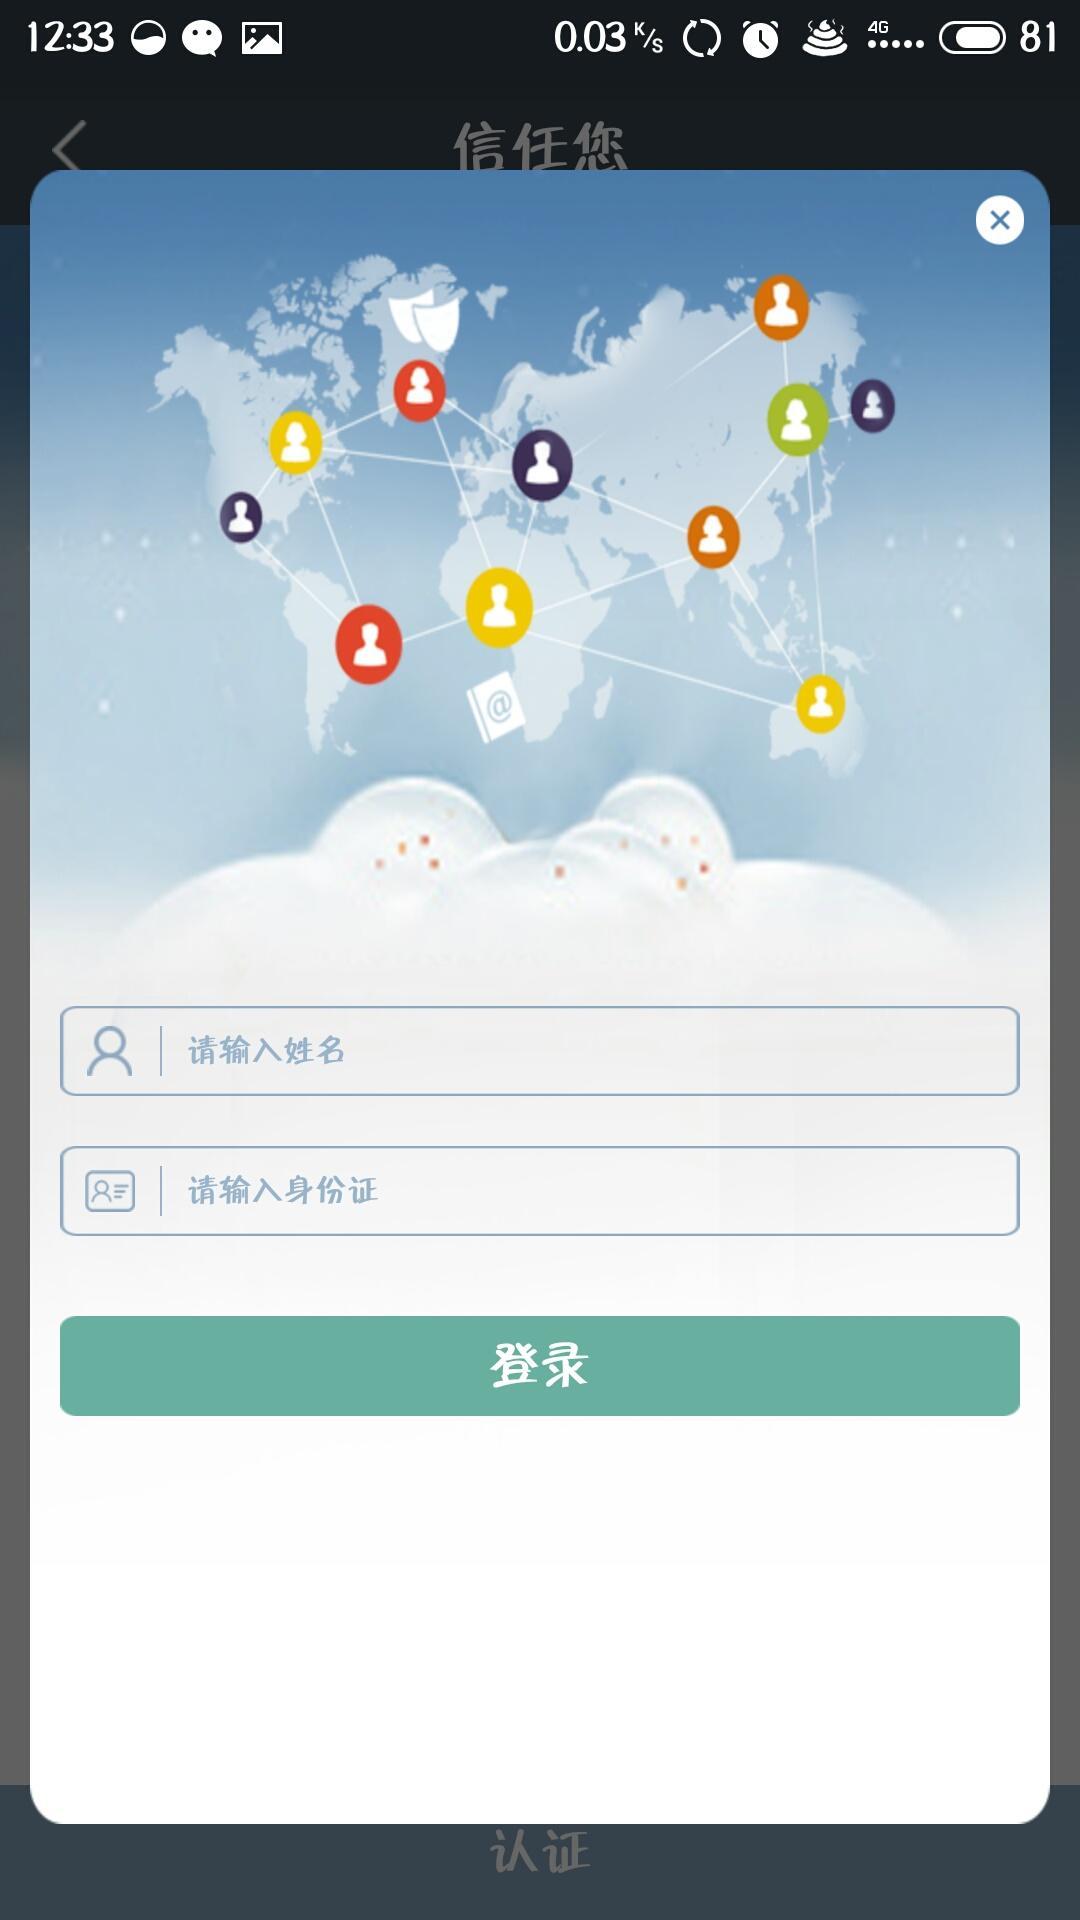 可信网络身份认证 APP截图